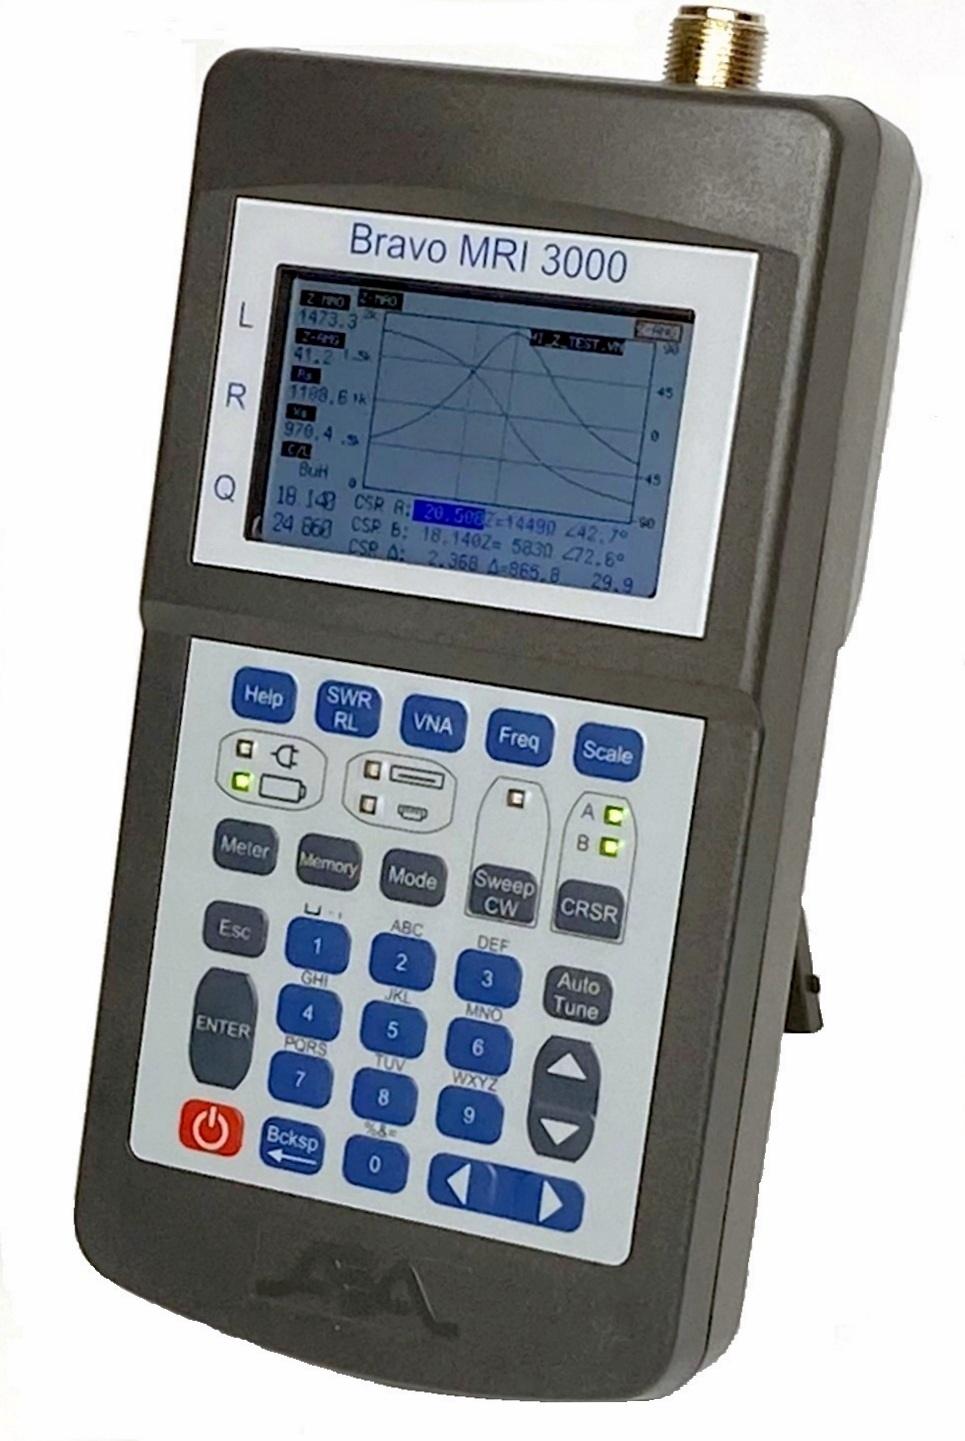 VIABravo MRI 3000 Coil Analyzers